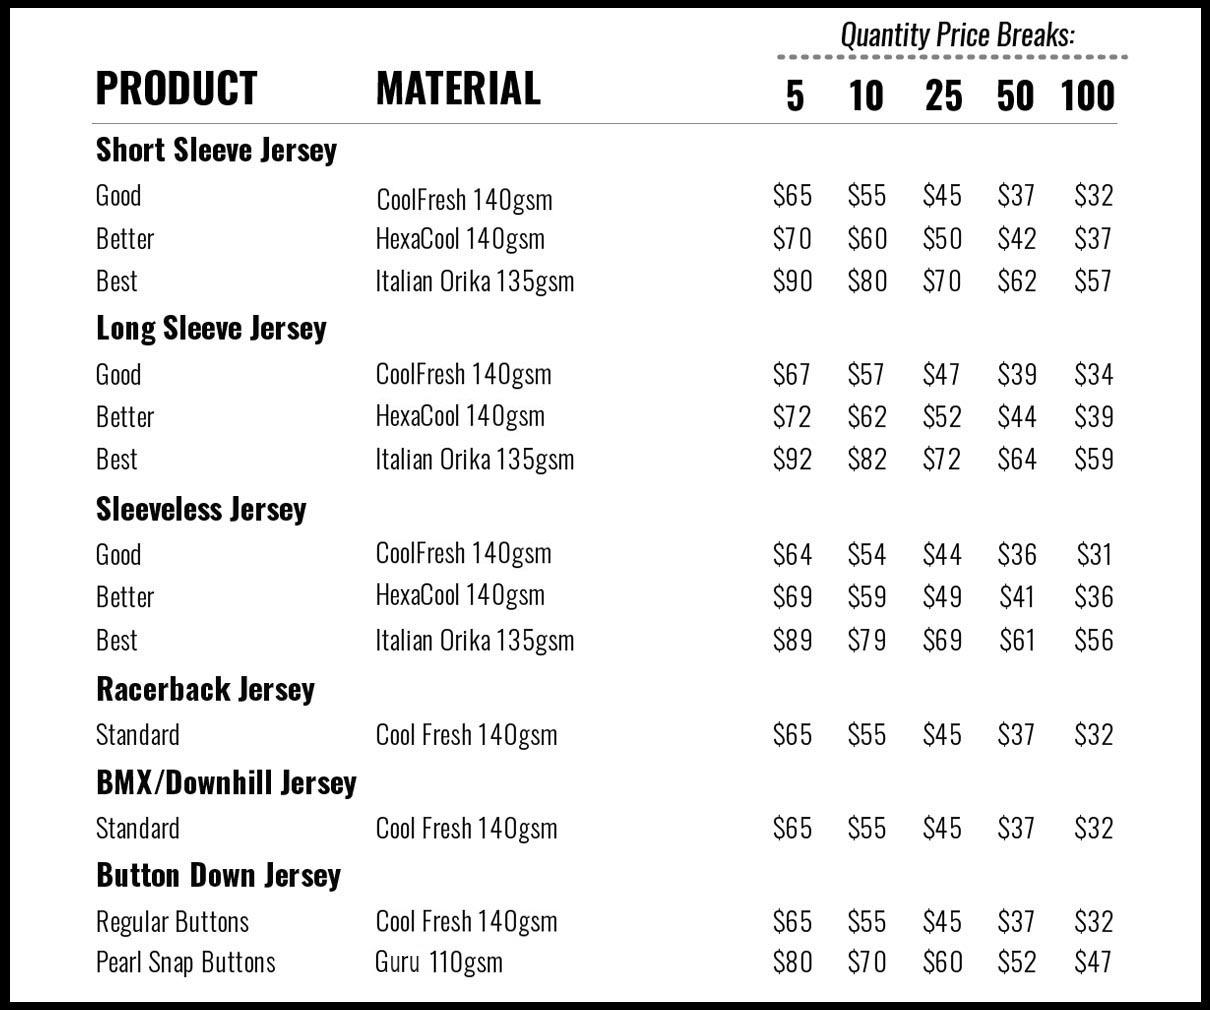 Tops Pricing.jpg